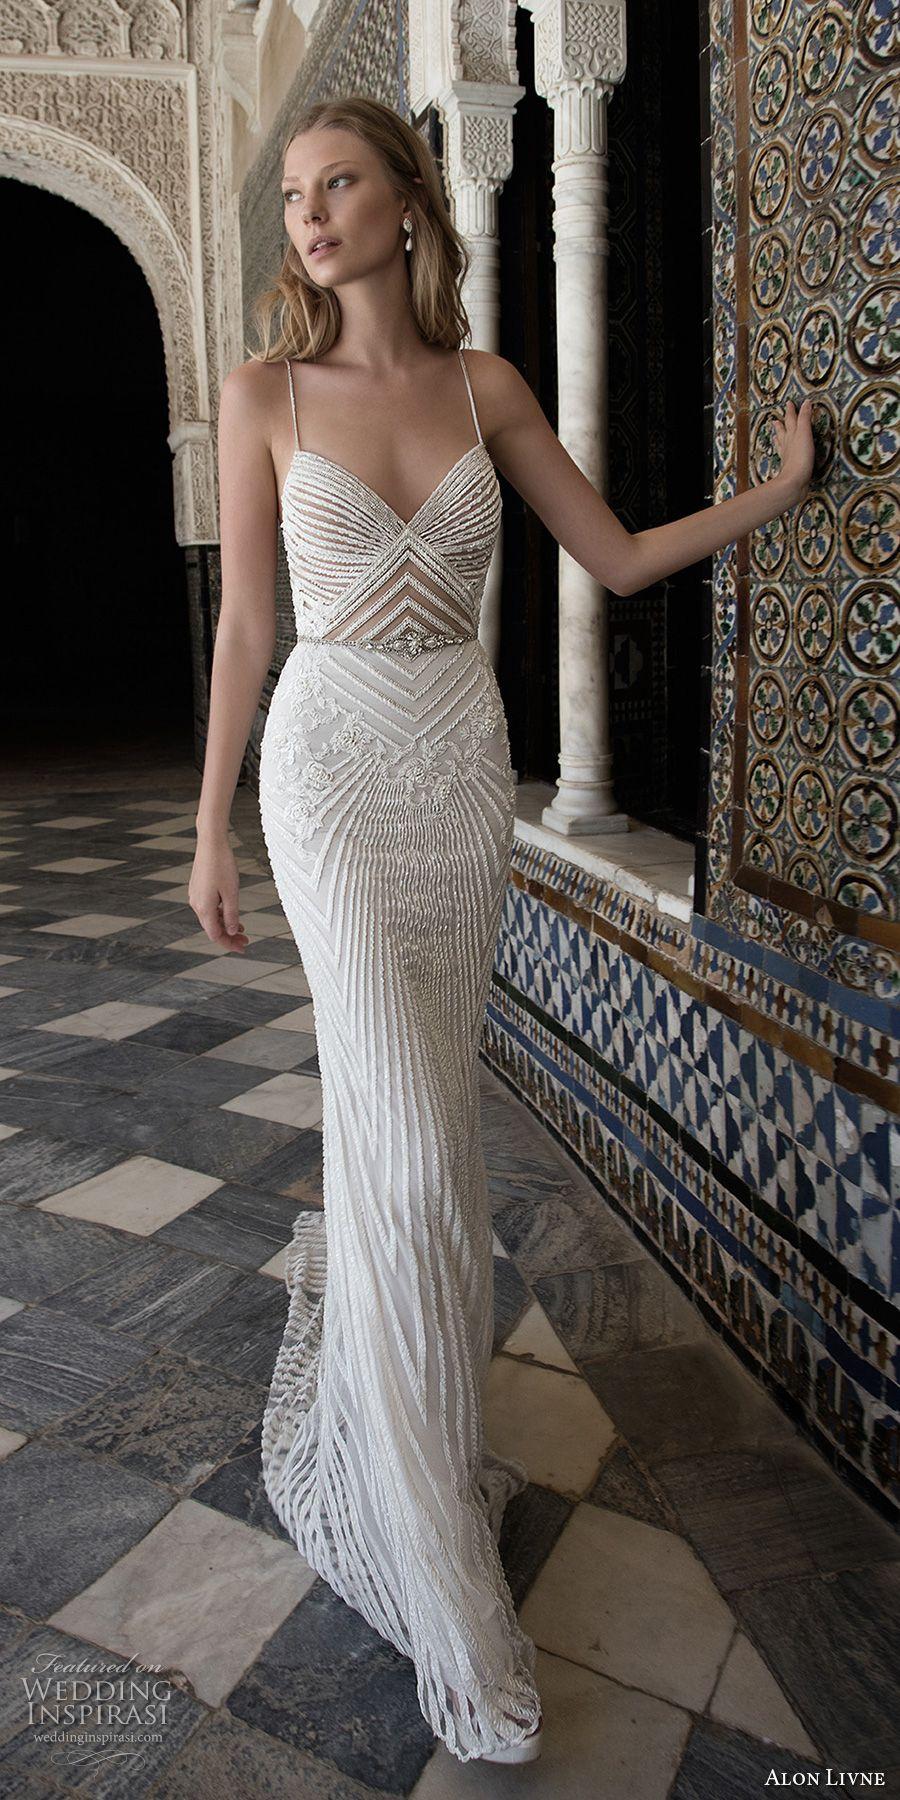 alon livne 2017 bridal sleeveless spagetti strap sweetheart neckline full embellishment elegant glamorous sheath wedding dress chapel train (alison) mv -- Alon Livne White 2017 Wedding Dresses